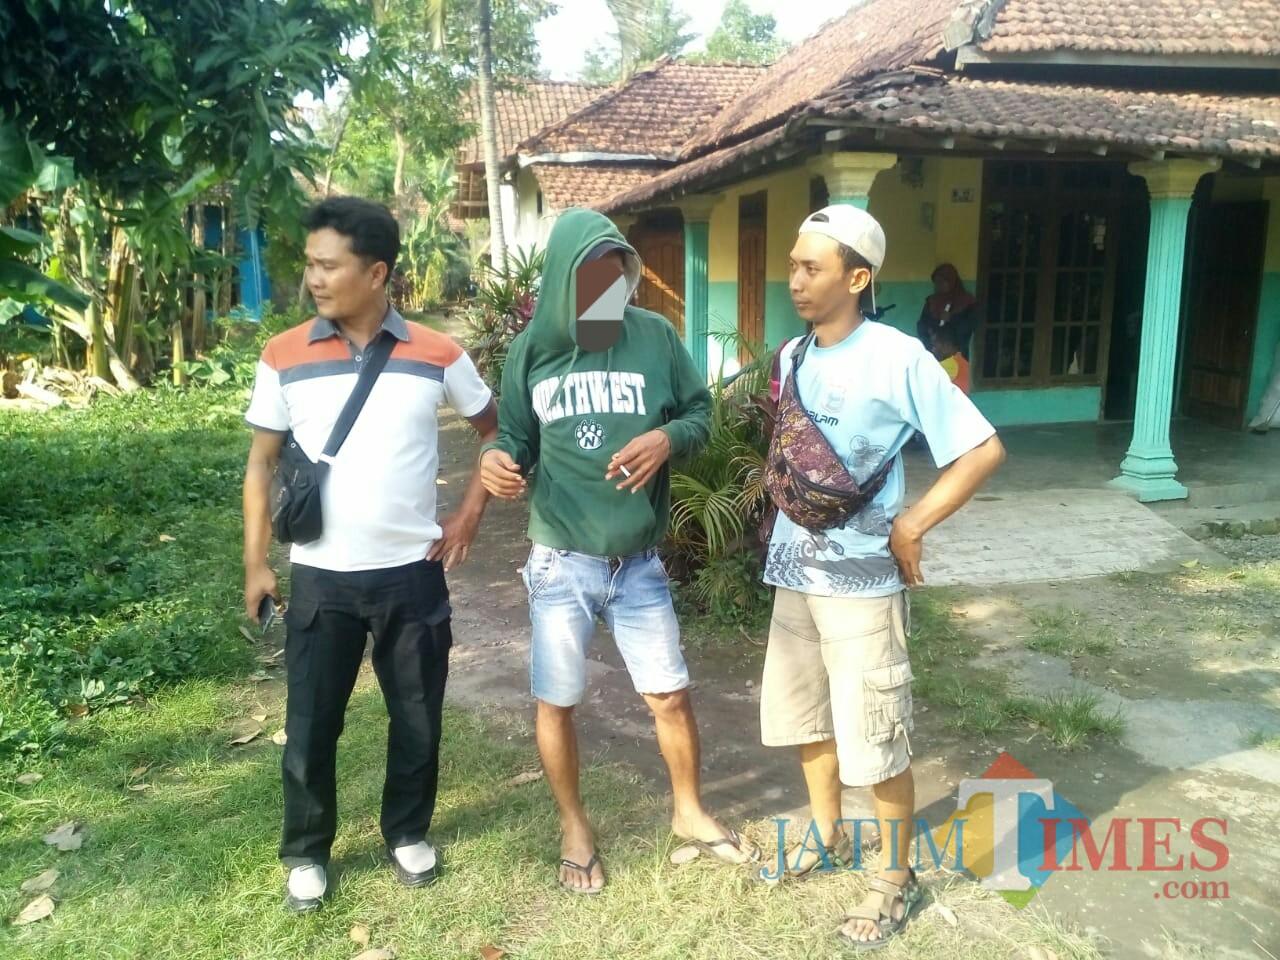 Pelaku saat dijemput petugas. / Foto : Dokpol / Tulungagung TIMES